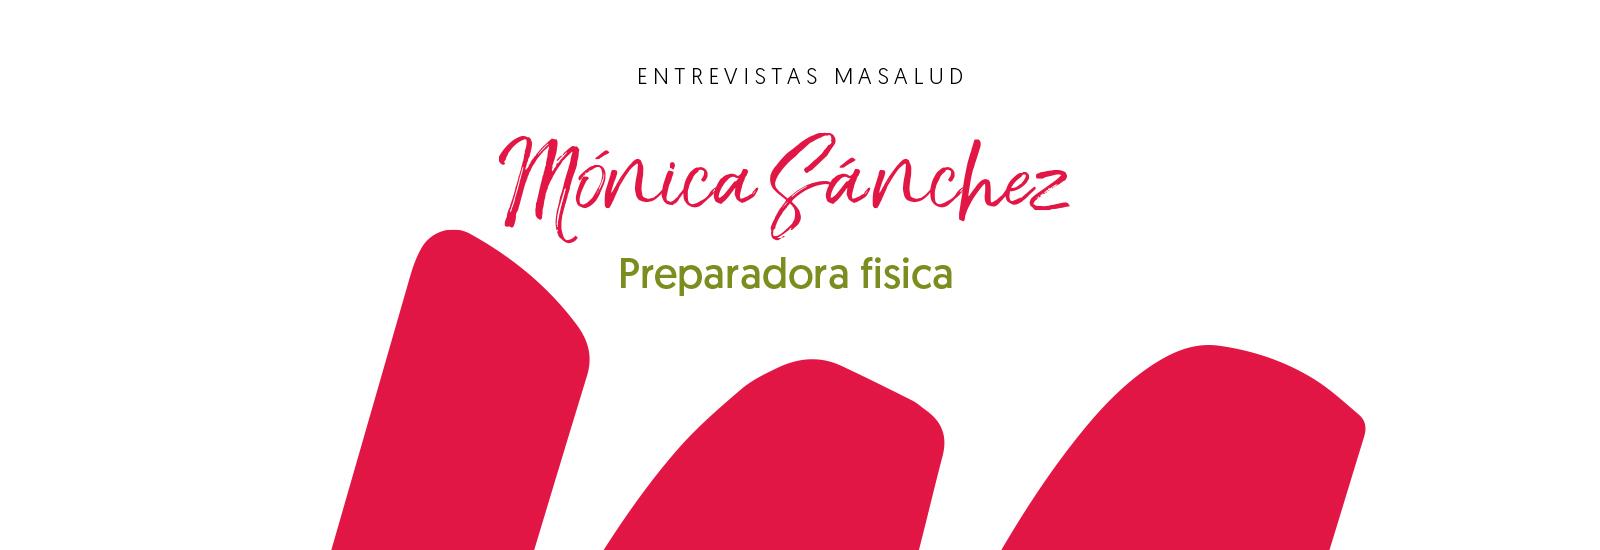 Entrevista, Mónica Sánchez, preparadora fisica